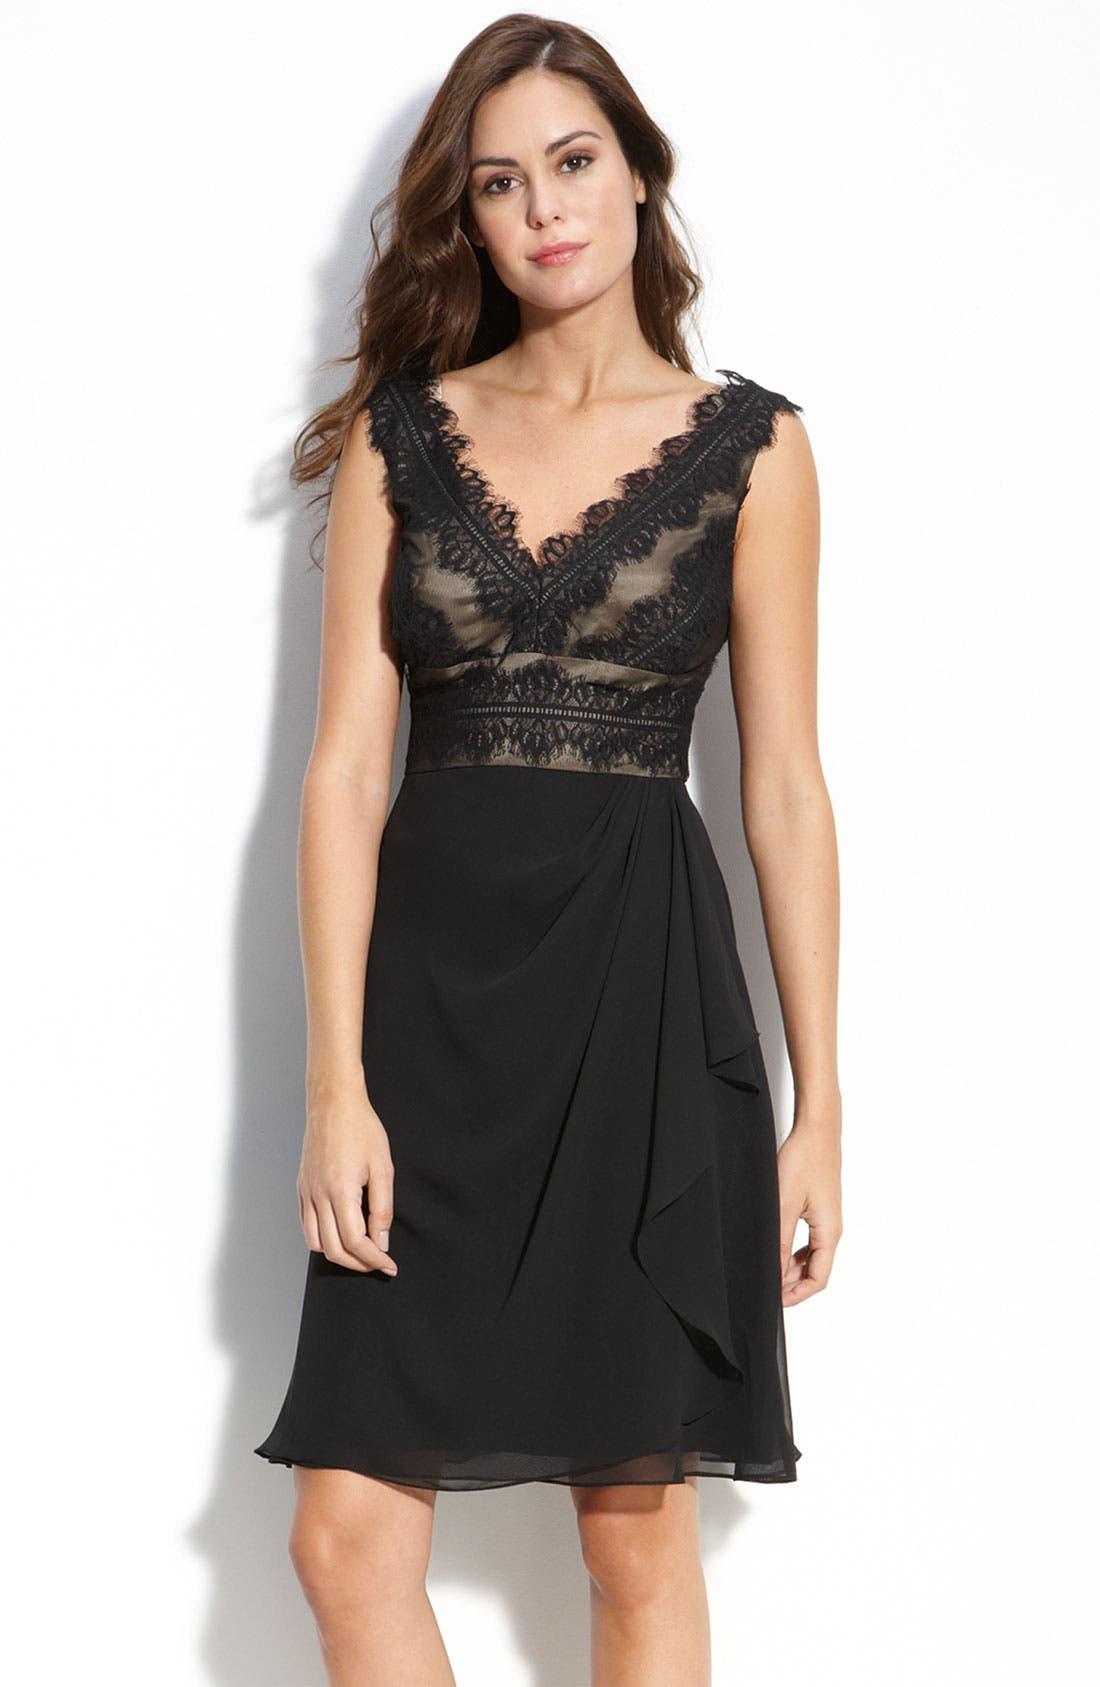 Alternate Image 1 Selected - JS Collections Lace & Chiffon Sheath Dress (Petite)